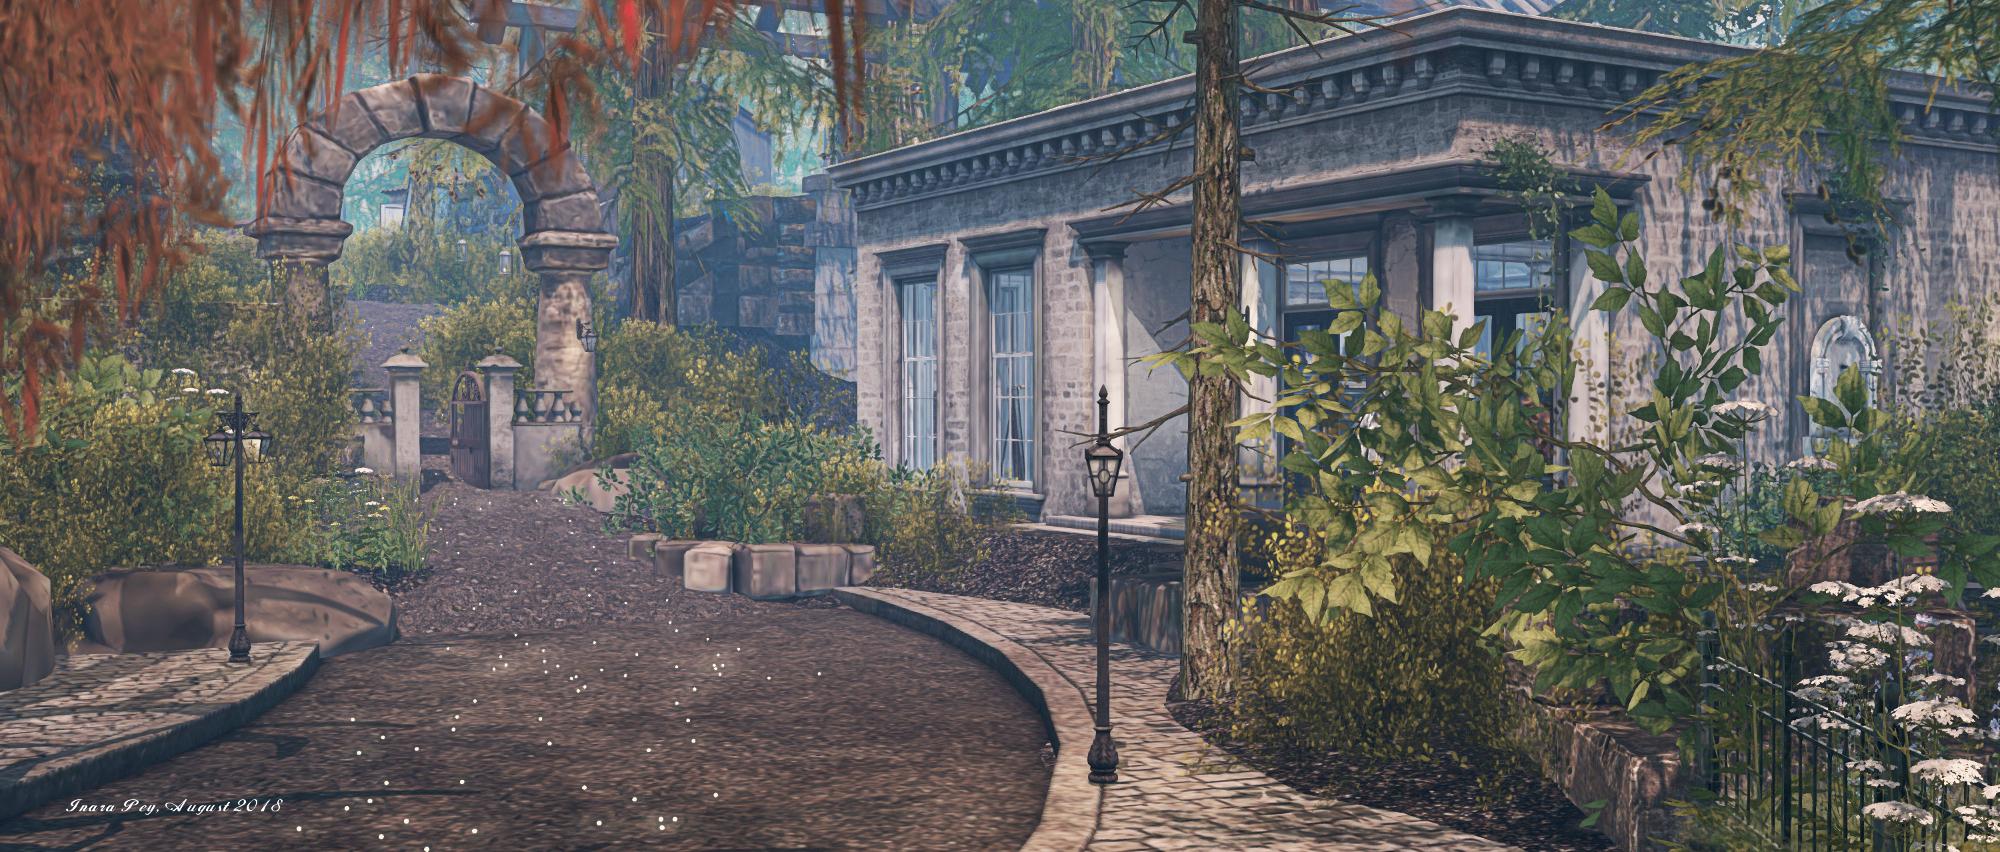 Athenaeum; Inara Pey, August 2018, on Flickr